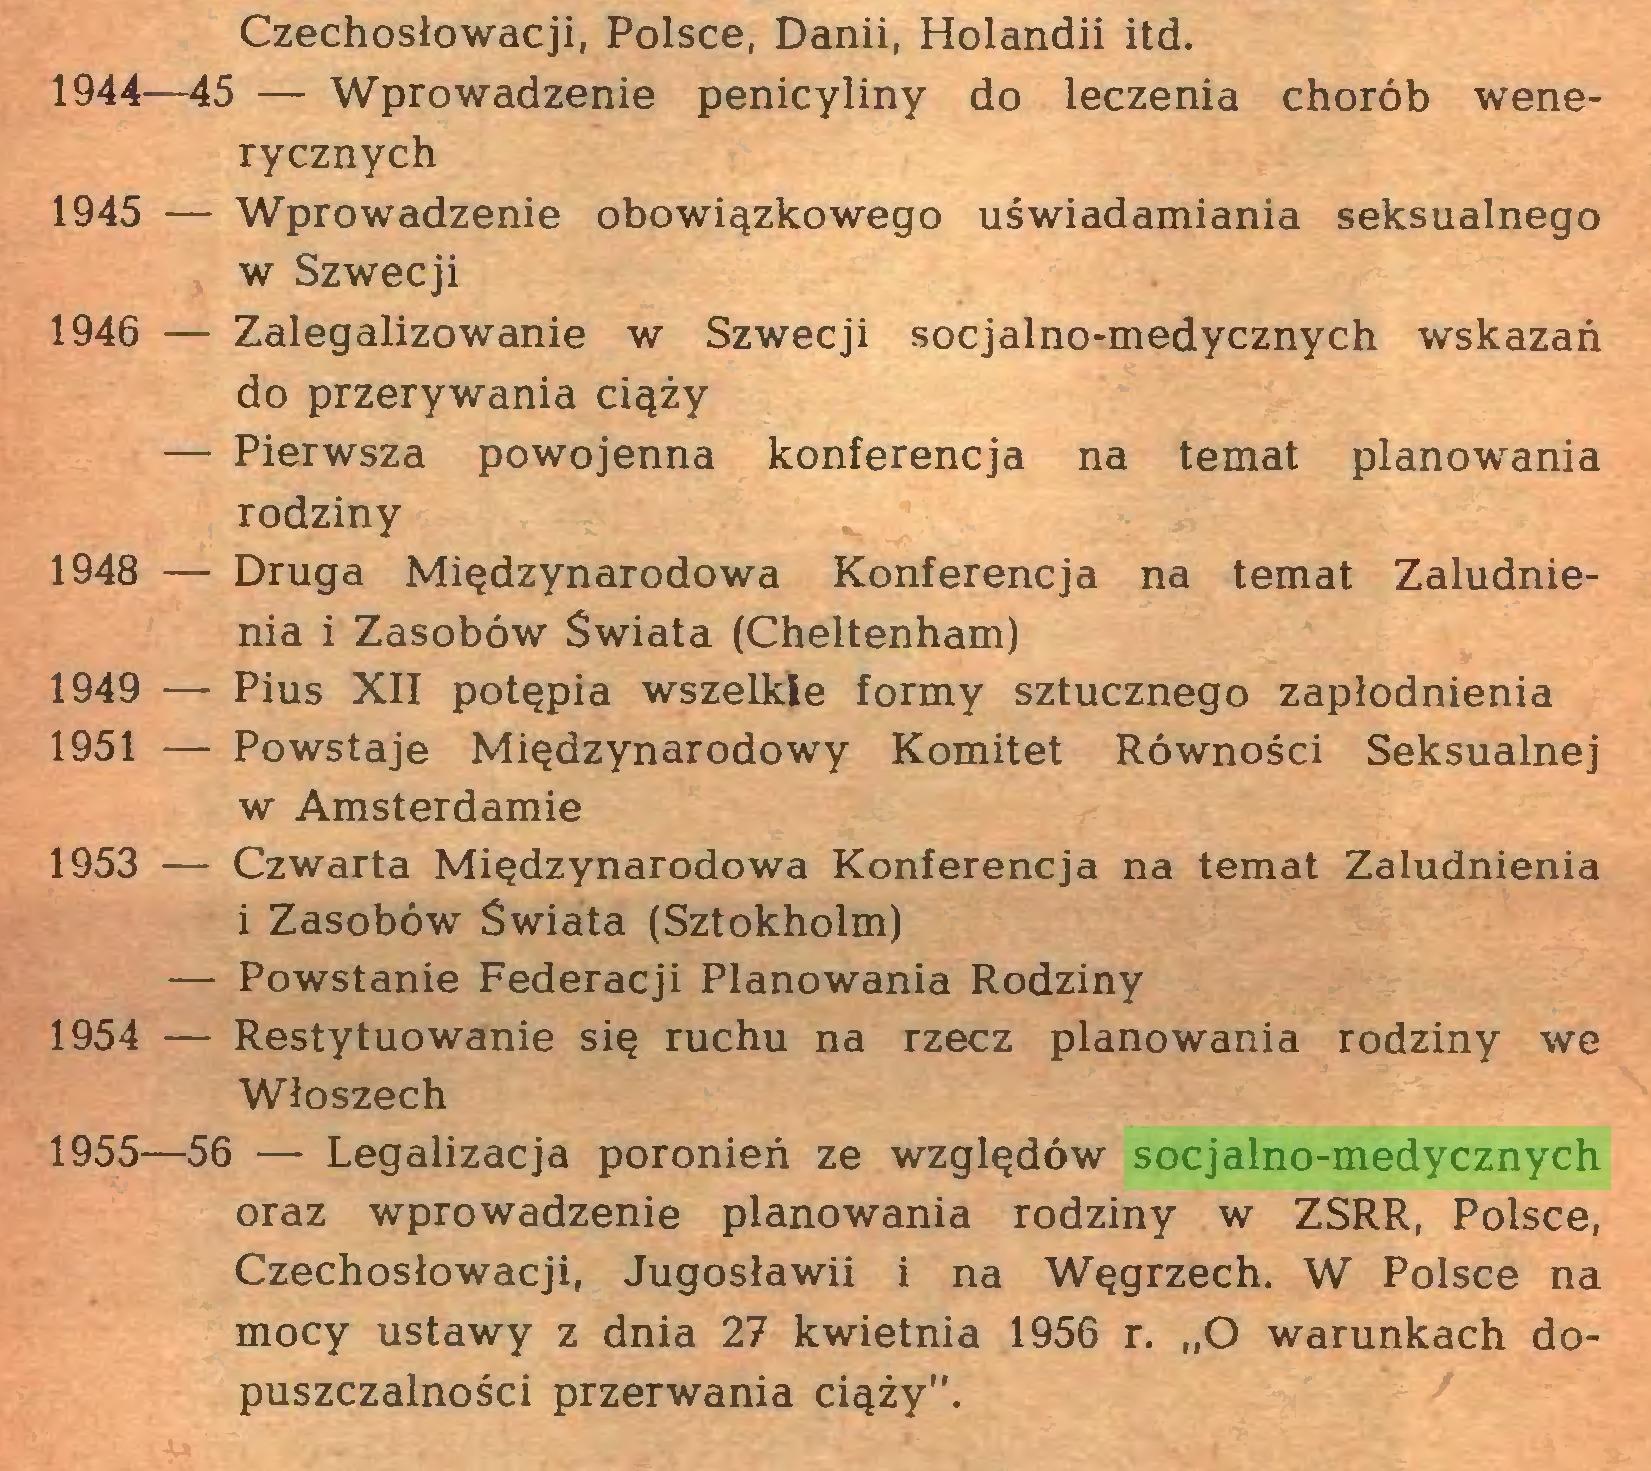 """(...) Czechosłowacji, Polsce, Danii, Holandii itd. 1944—45 — Wprowadzenie penicyliny do leczenia chorób wenerycznych 1945 — Wprowadzenie obowiązkowego uświadamiania seksualnego w Szwecji 1946 — Zalegalizowanie w Szwecji socjalno-medycznych wskazań do przerywania ciąży — Pierwsza powojenna konferencja na temat planowania rodziny 1948 — Druga Międzynarodowa Konferencja na temat Zaludnienia i Zasobów Świata (Cheltenham) 1949 — Pius XII potępia wszelkie formy sztucznego zapłodnienia 1951 — Powstaje Międzynarodowy Komitet Równości Seksualnej w Amsterdamie 1953 — Czwarta Międzynarodowa Konferencja na temat Zaludnienia i Zasobów Świata (Sztokholm) — Powstanie Federacji Planowania Rodziny 1954 — Restytuowanie się ruchu na rzecz planowania rodziny we Włoszech 1955—56 ■— Legalizacja poronień ze względów socjalno-medycznych oraz wprowadzenie planowania rodziny w ZSRR, Polsce, Czechosłowacji, Jugosławii i na Węgrzech. W Polsce na mocy ustawy z dnia 27 kwietnia 1956 r. """"O warunkach dopuszczalności przerwania ciąży""""..."""